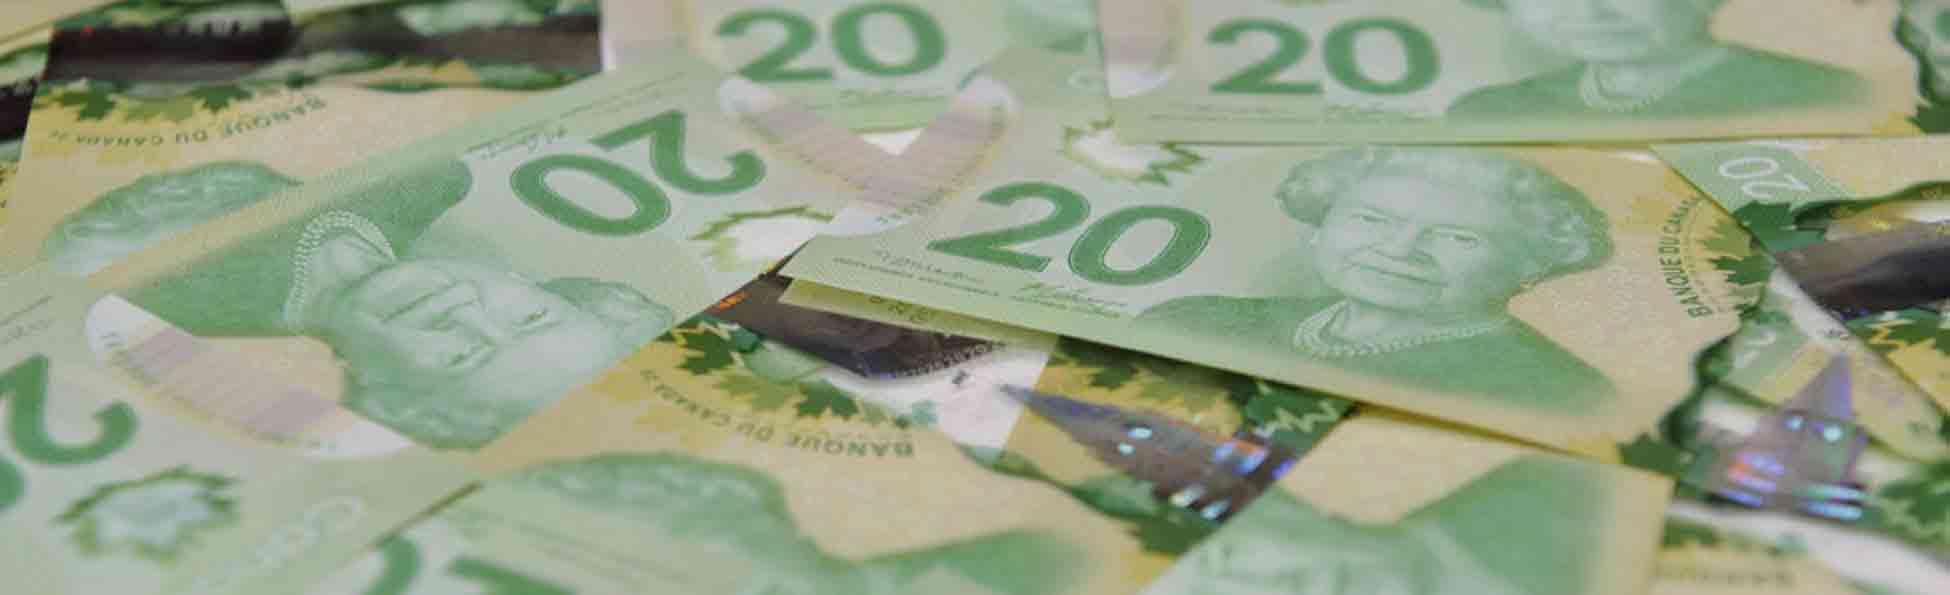 Hard money loan illinois photo 9